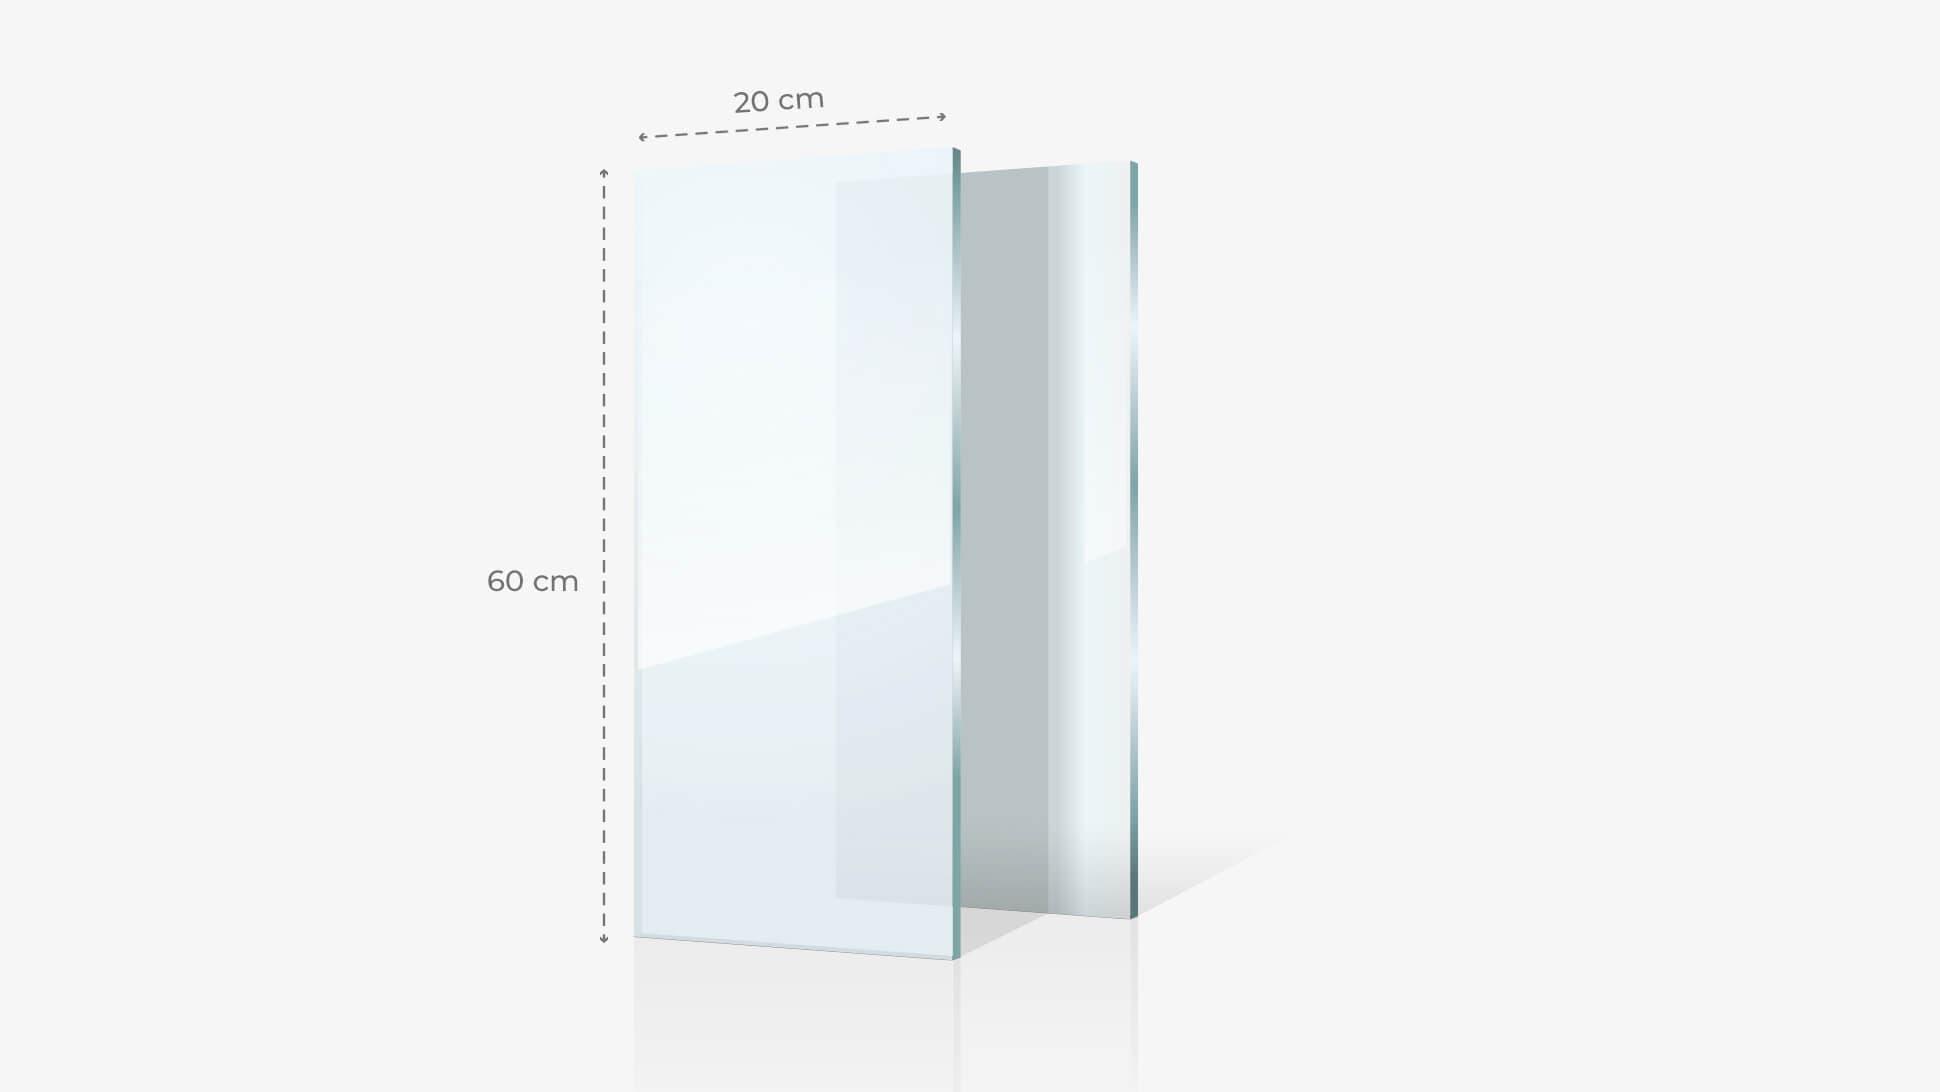 Foto su vetro acrilico 20x60 cm   tictac.it